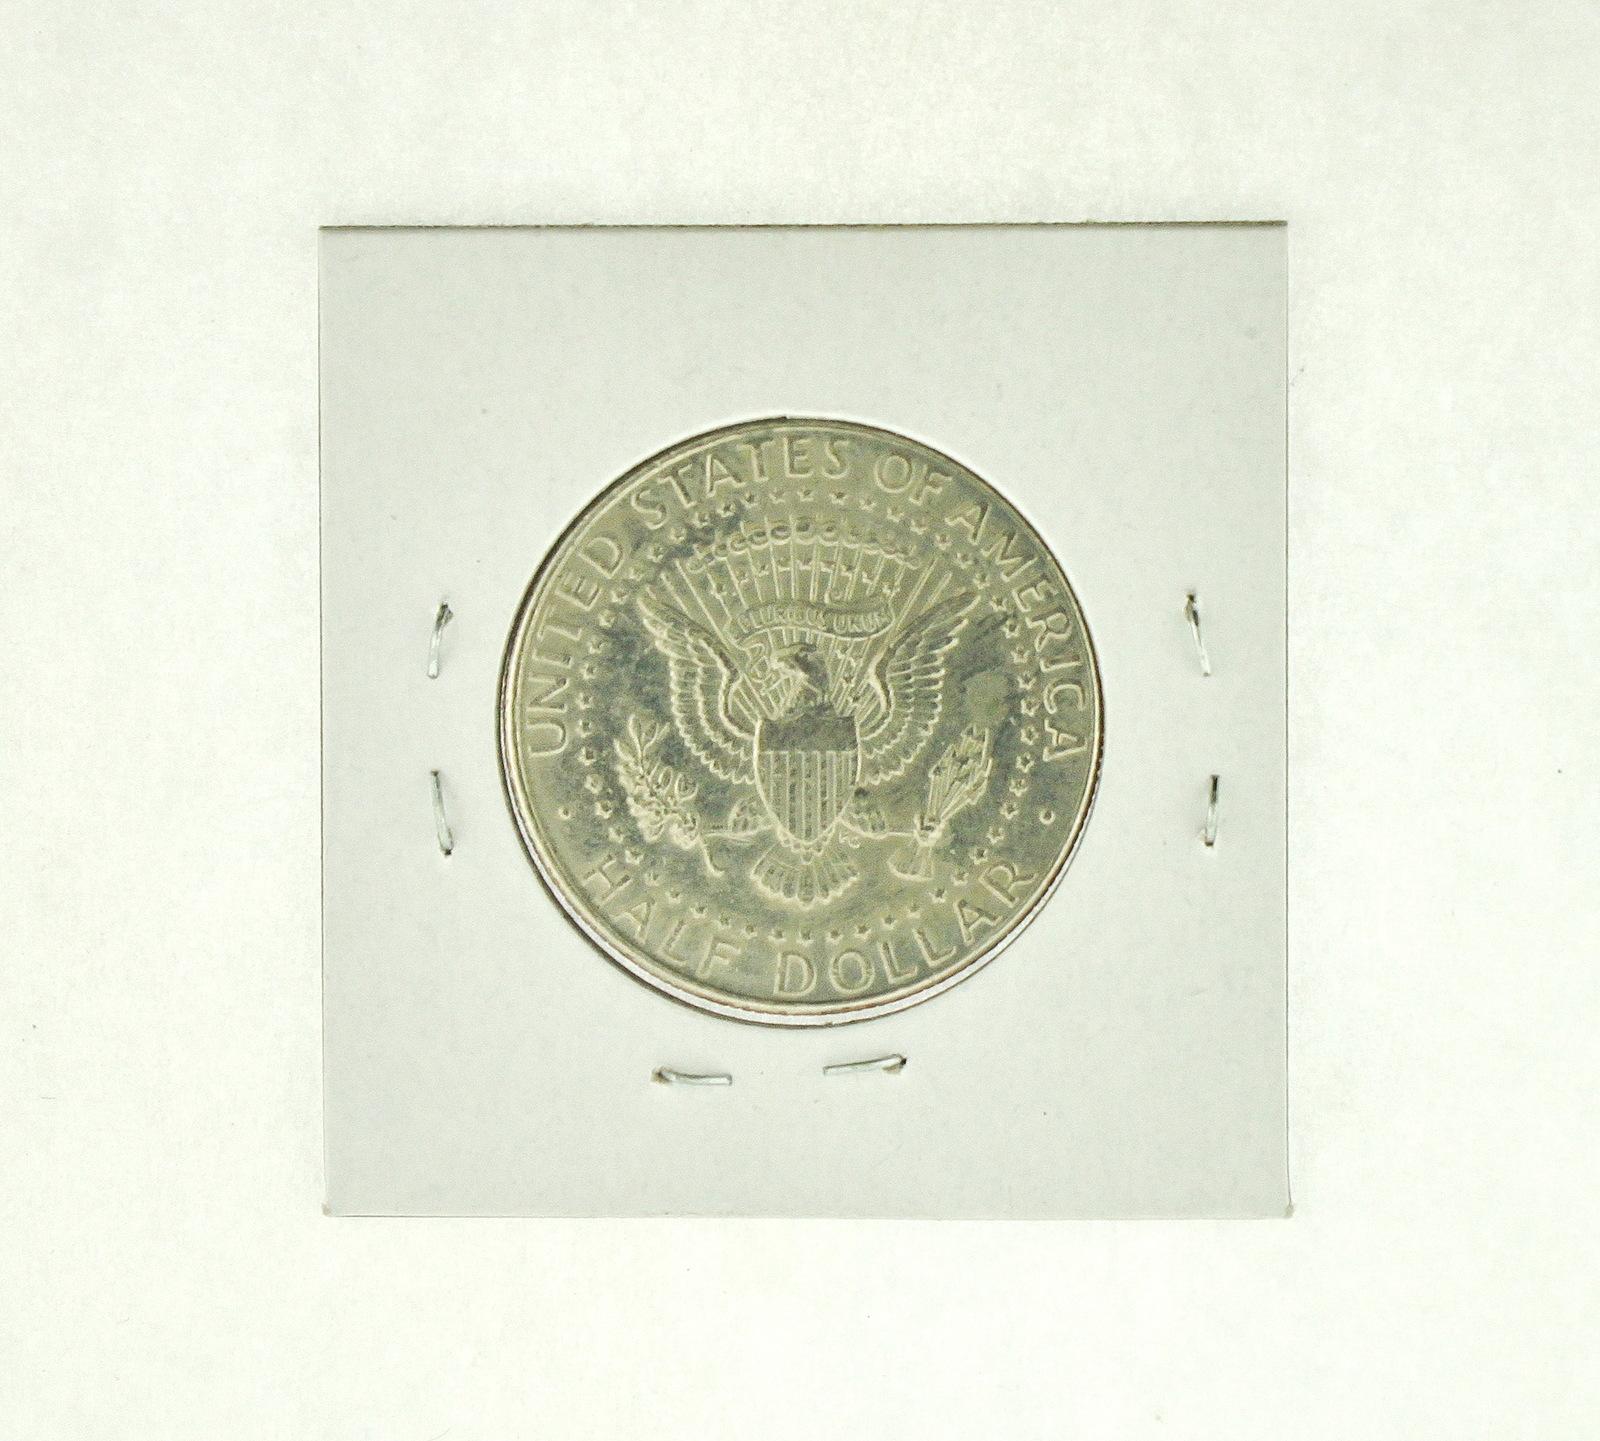 2001-D Kennedy Half Dollar (F) Fine N2-4032-5